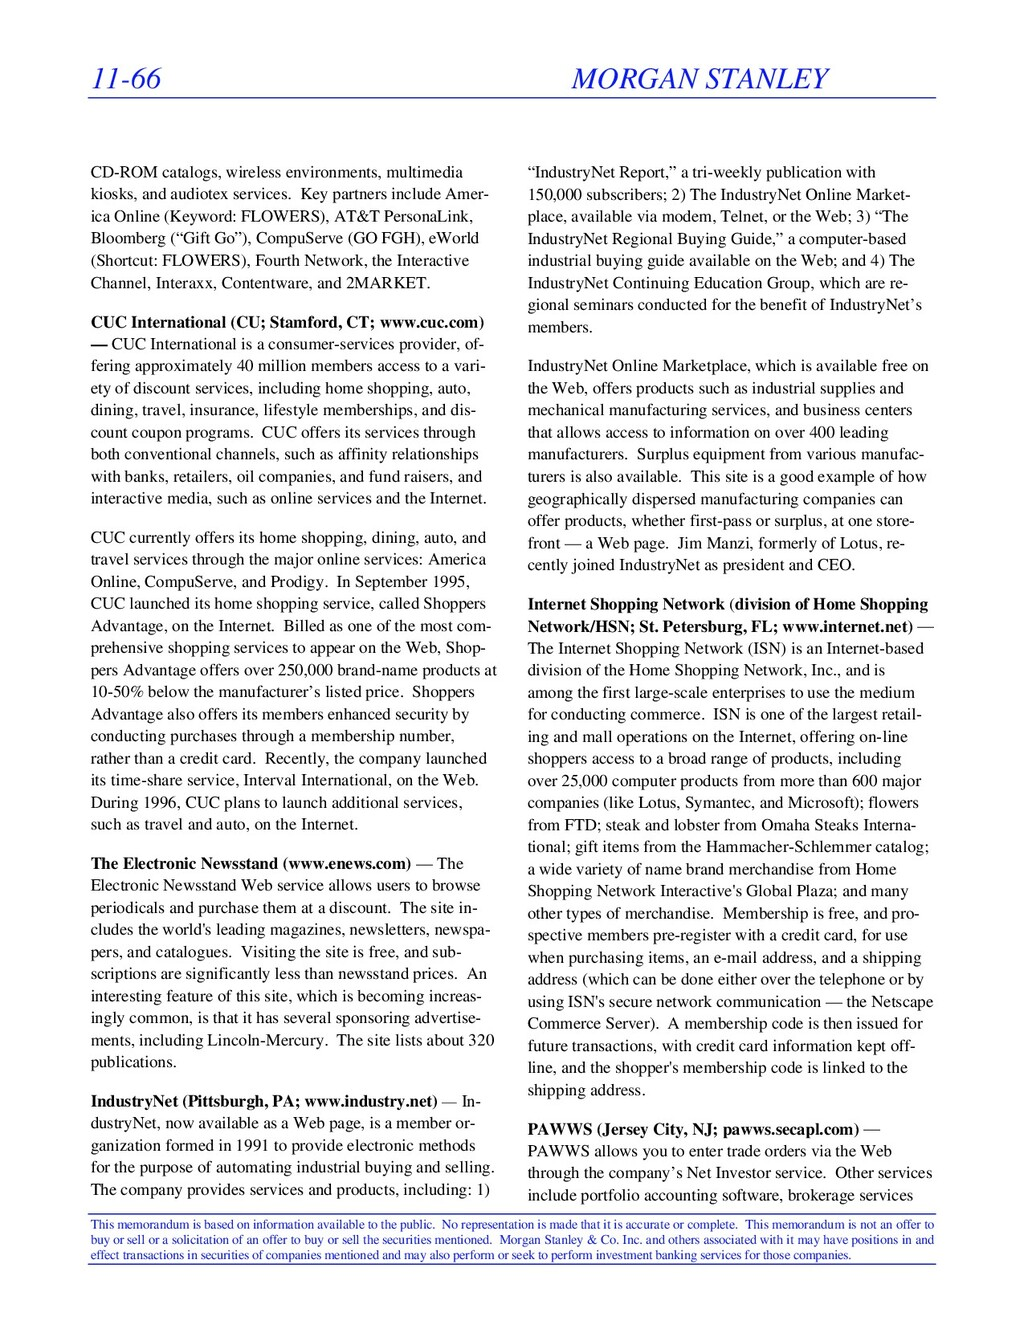 11-66 MORGAN STANLEY This memorandum is based o...